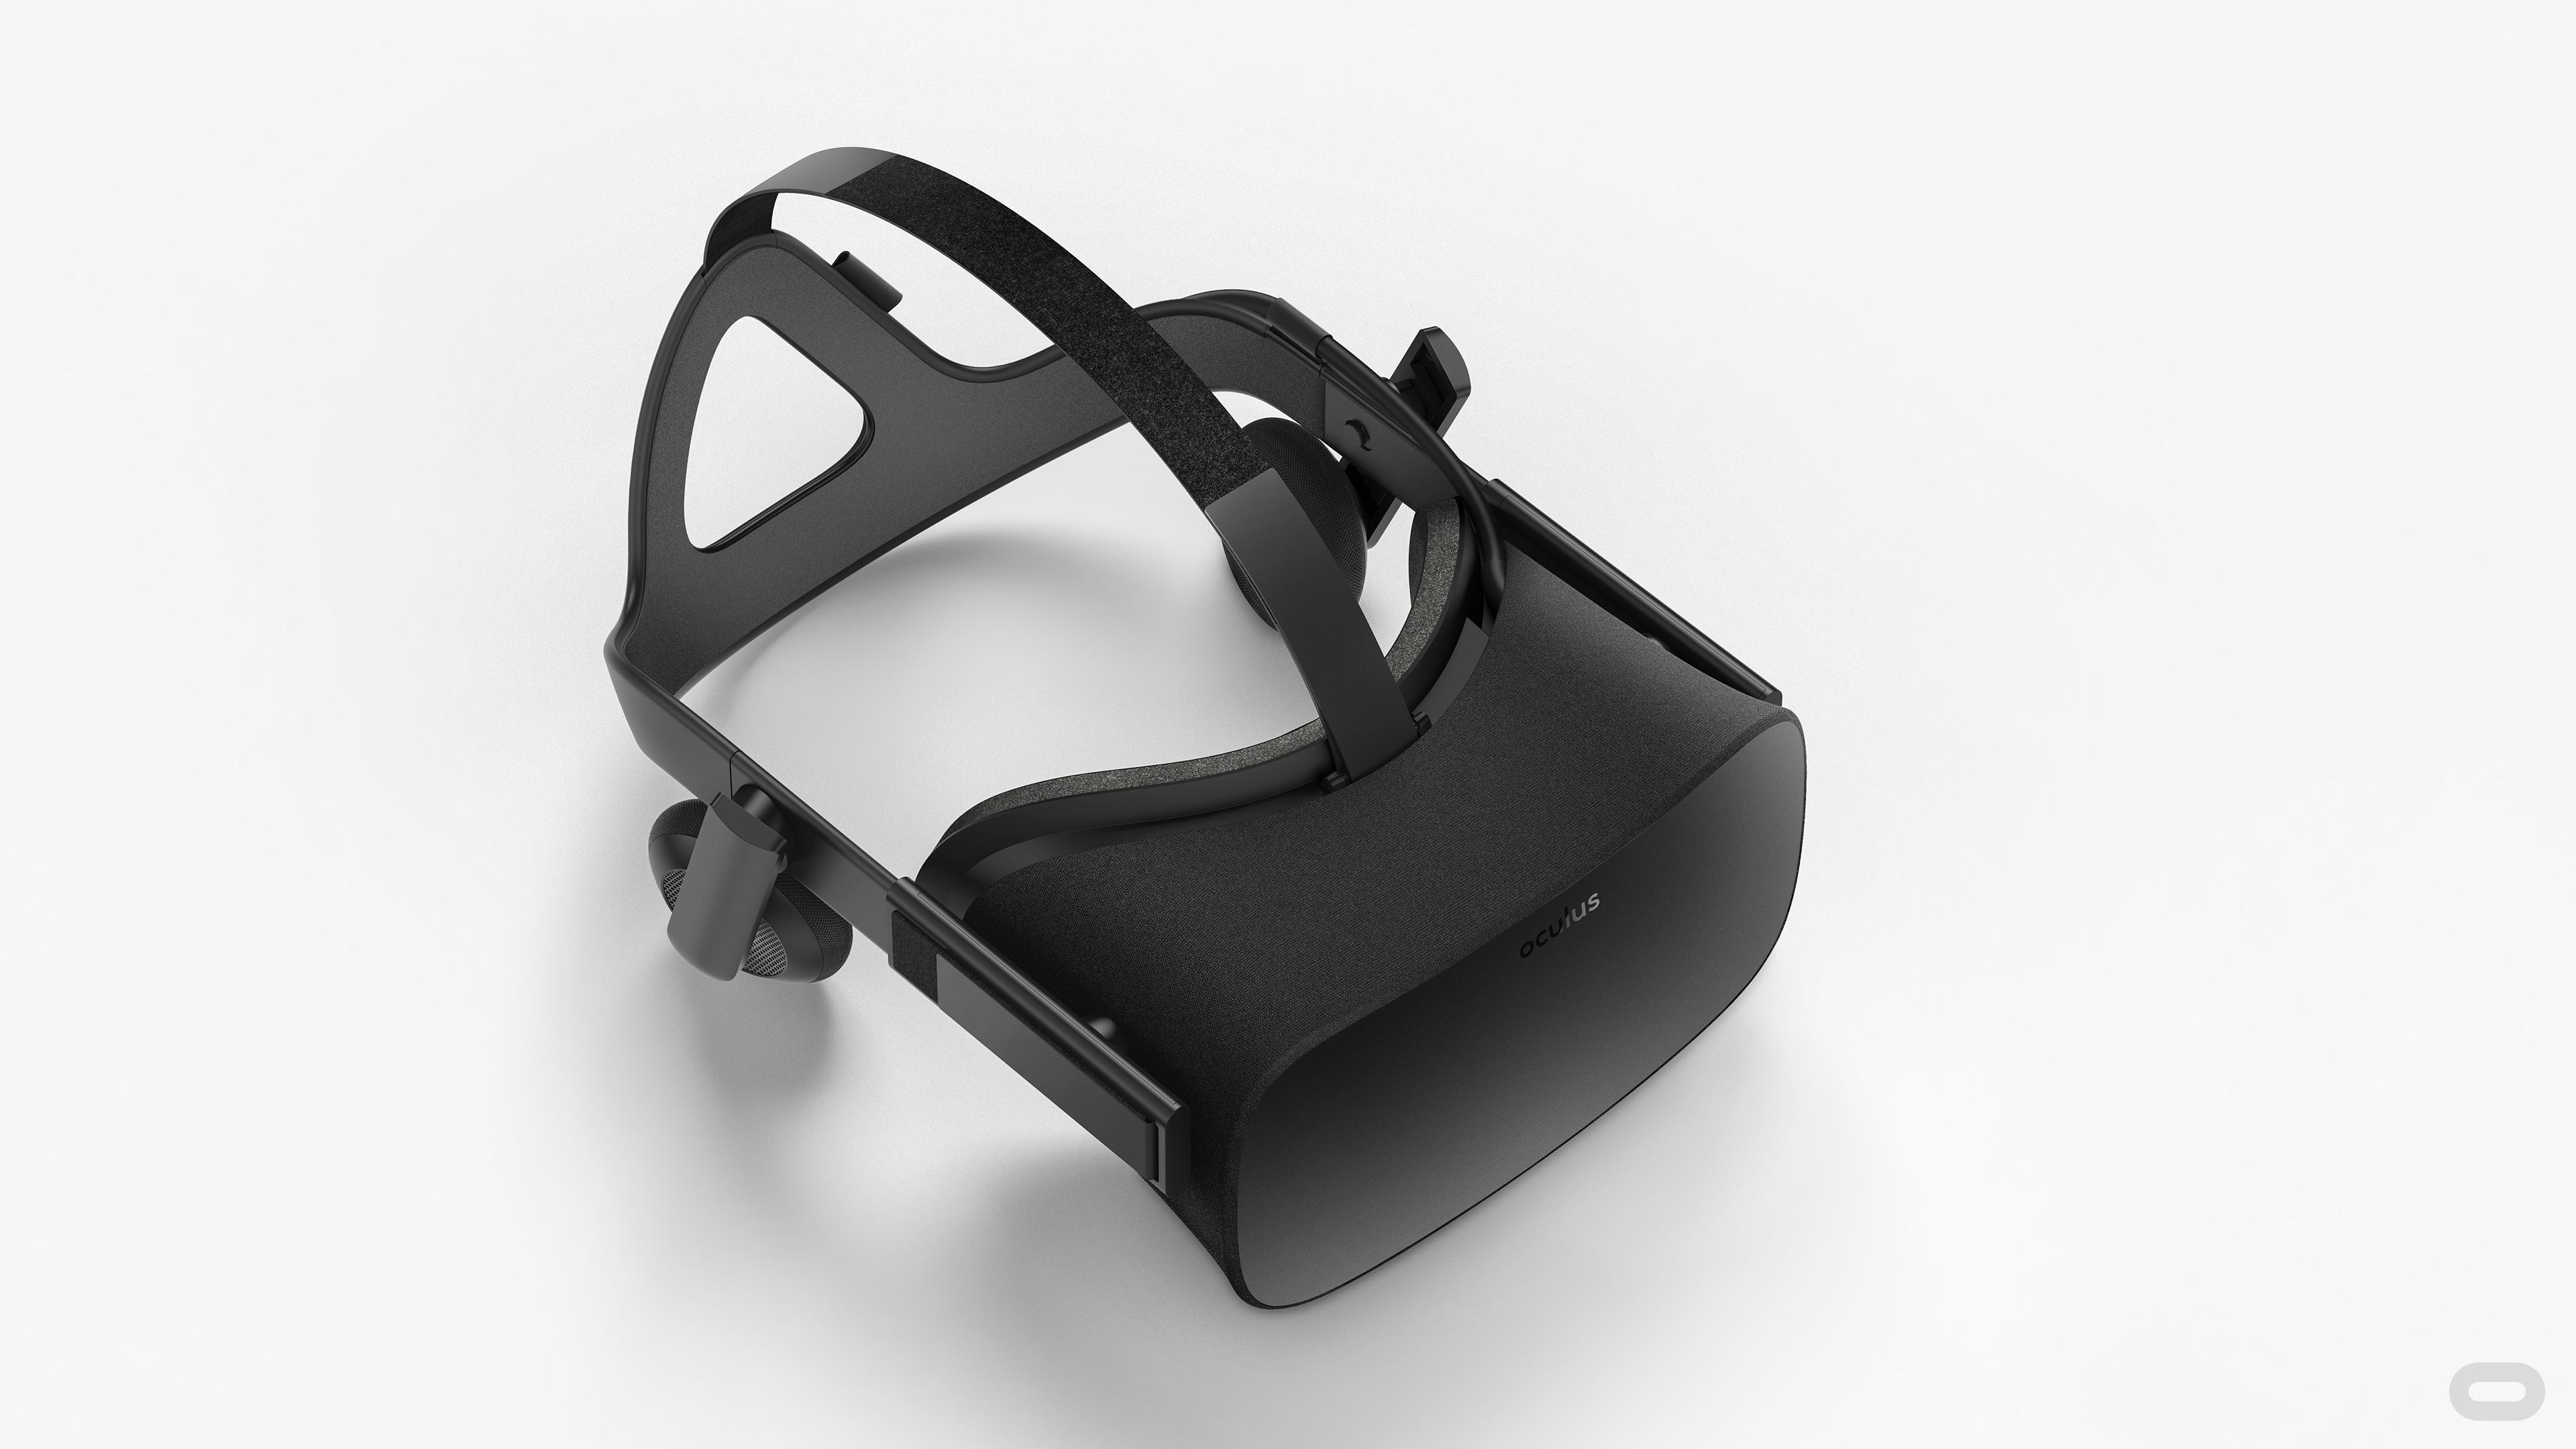 Oculus Rift headset.